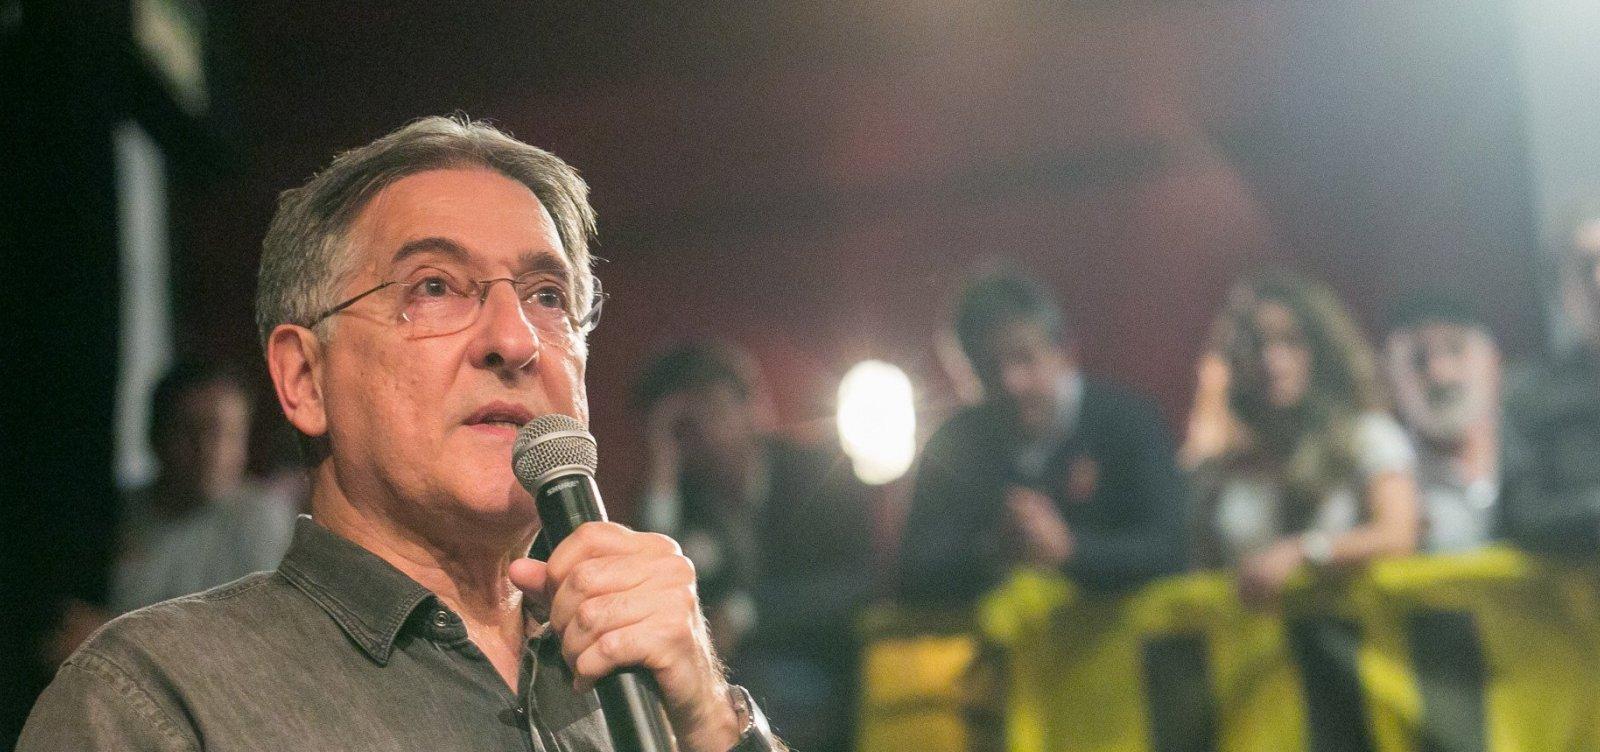 Governador de Minas diz que Haddad assinará indulto para Lula no 1º dia de governo